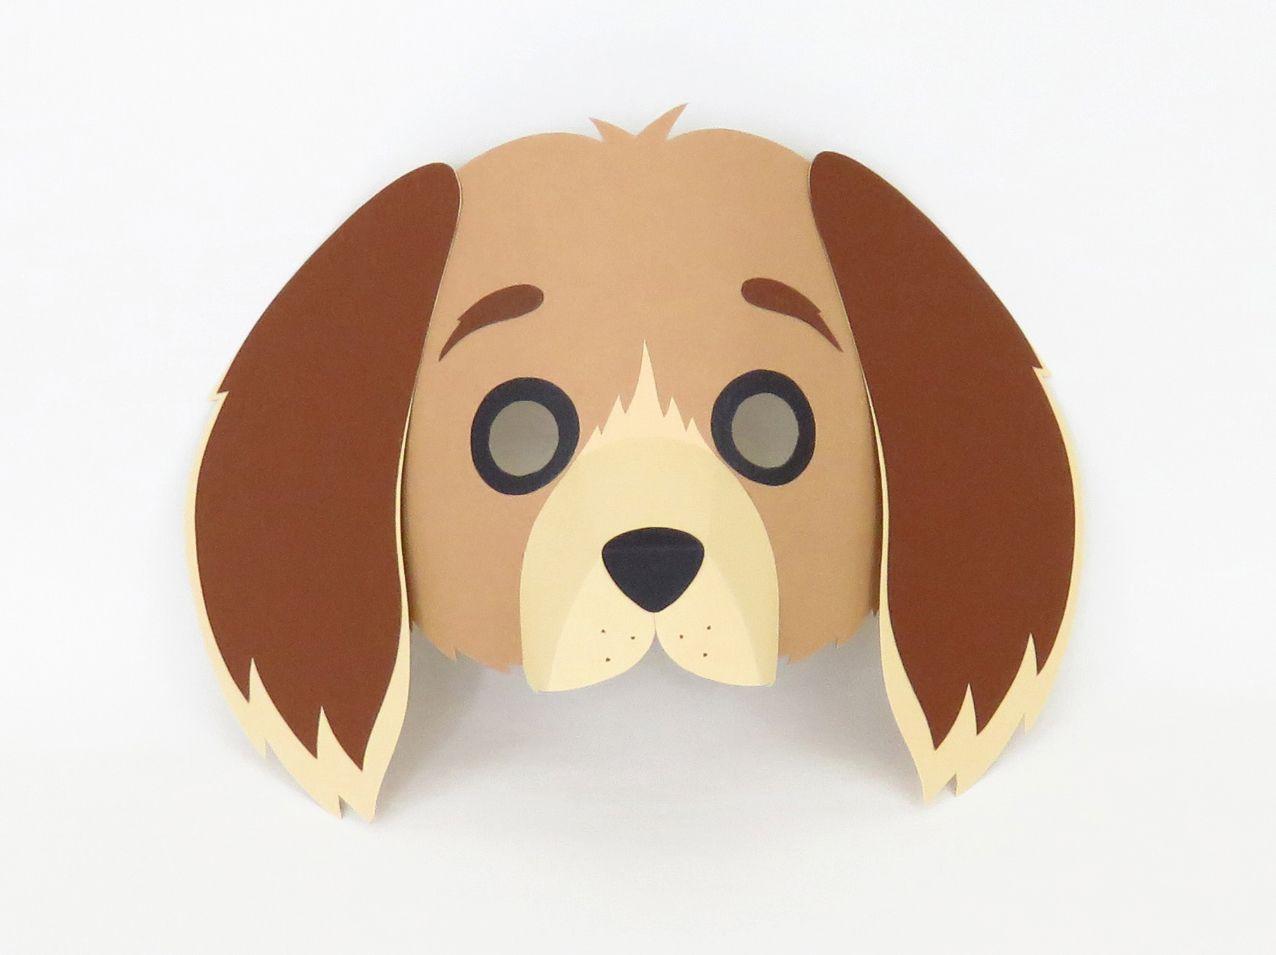 Pin Von Christy Lou Auf Sew Much Fun: Beyond The Blanket in Bastelvorlage Hund